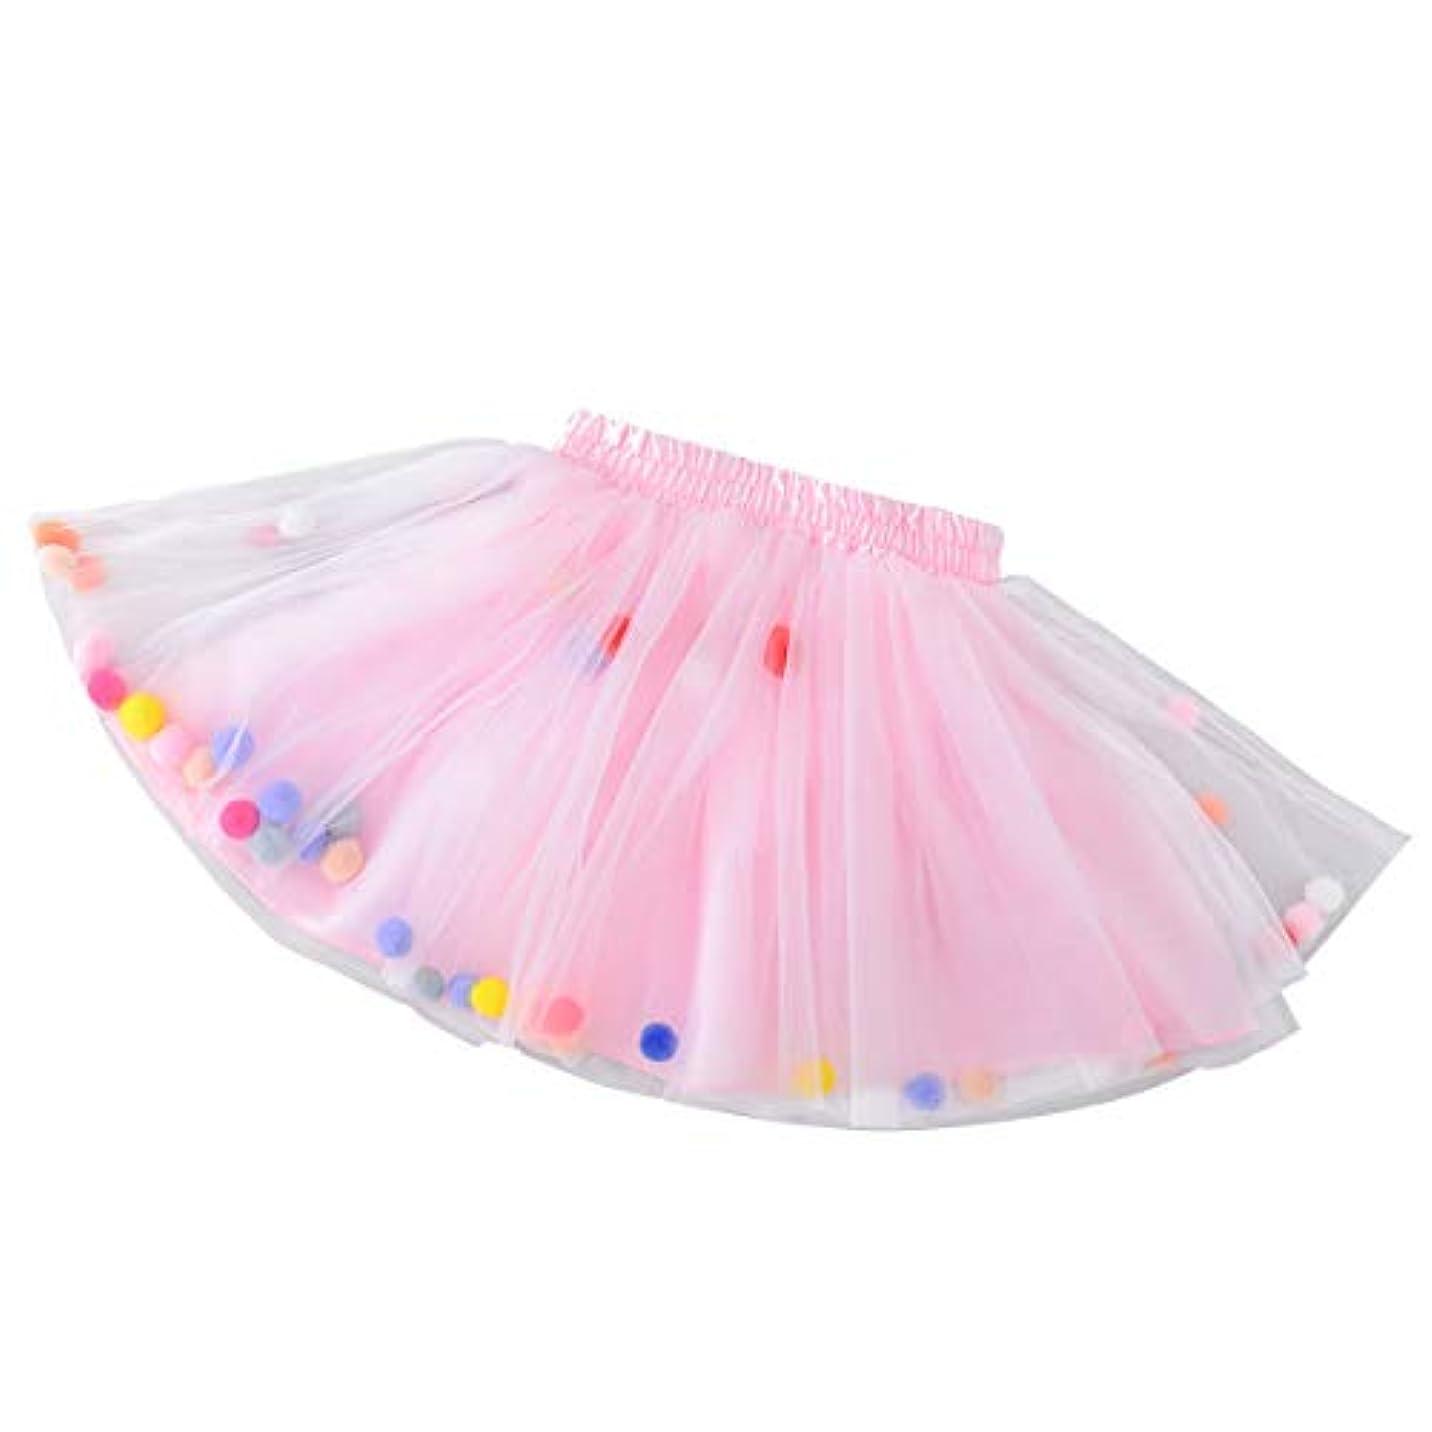 開拓者困惑サミットYeahiBaby 子供チュチュスカートラブリーピンクミディスカートカラフルなファジーボールガーゼスカートプリンセスドレス衣装用女の子(サイズxl)